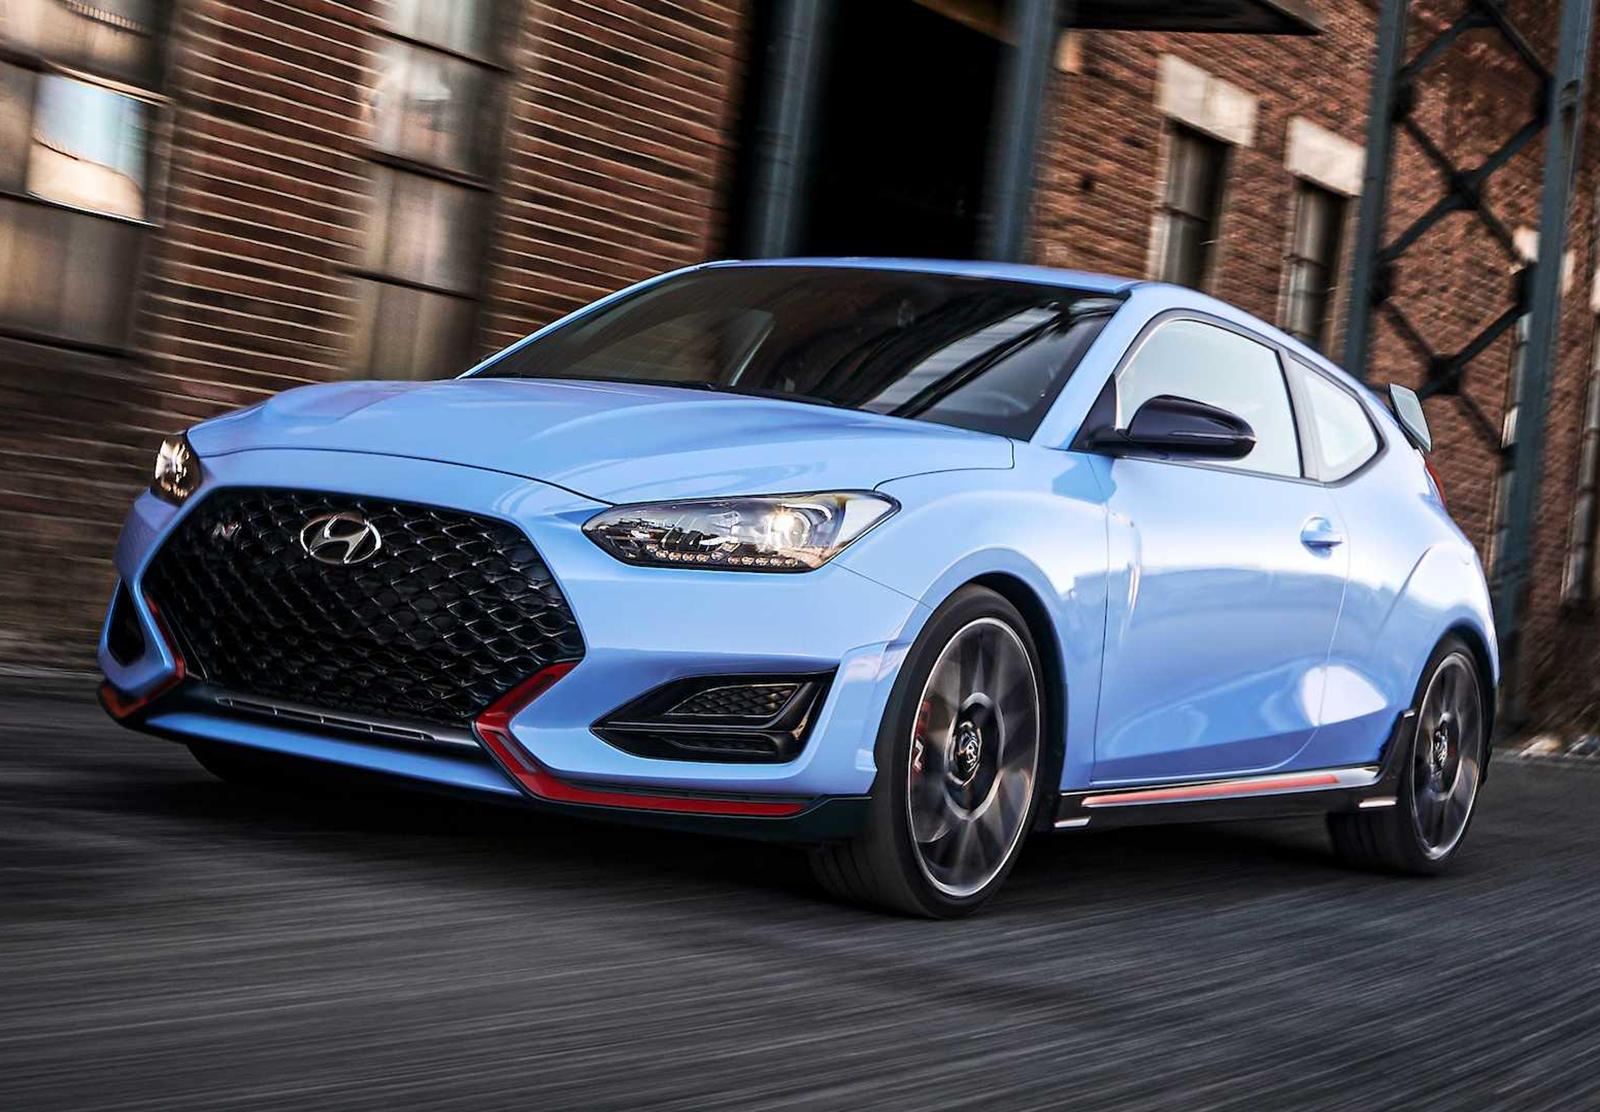 2021 Hyundai Veloster Spesification